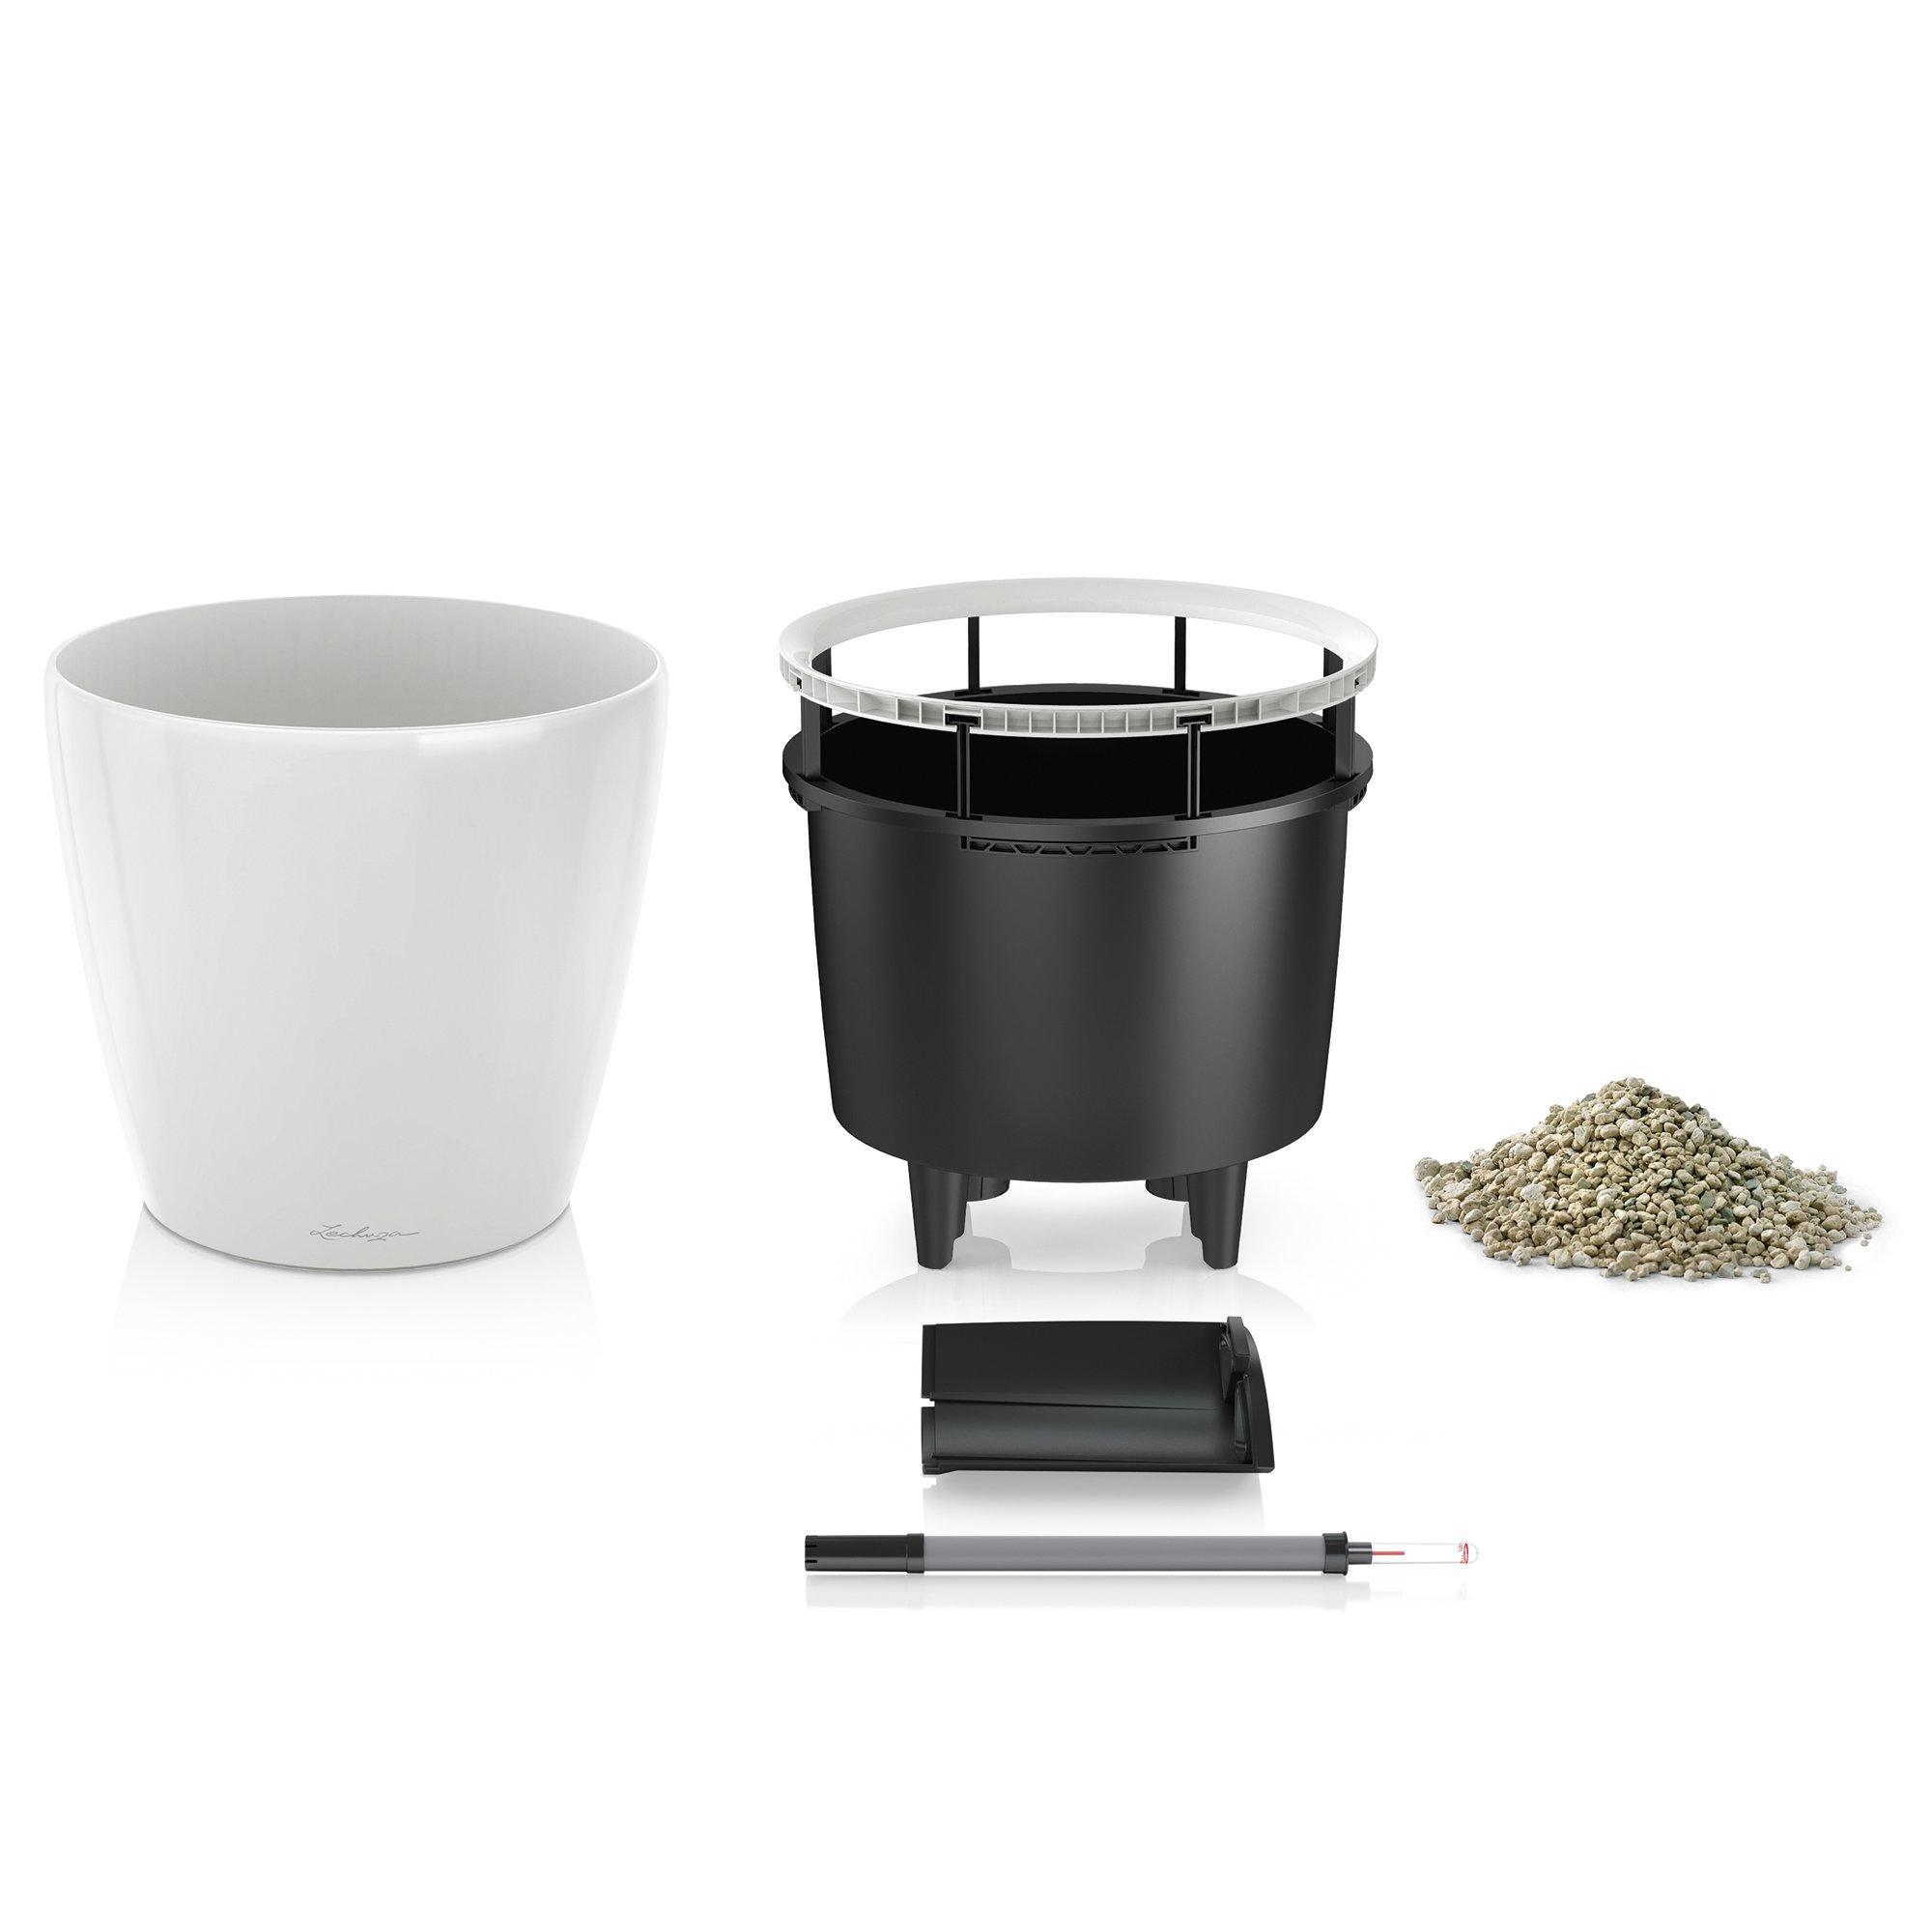 CLASSICO LS 35 espresso metallic - Image 1